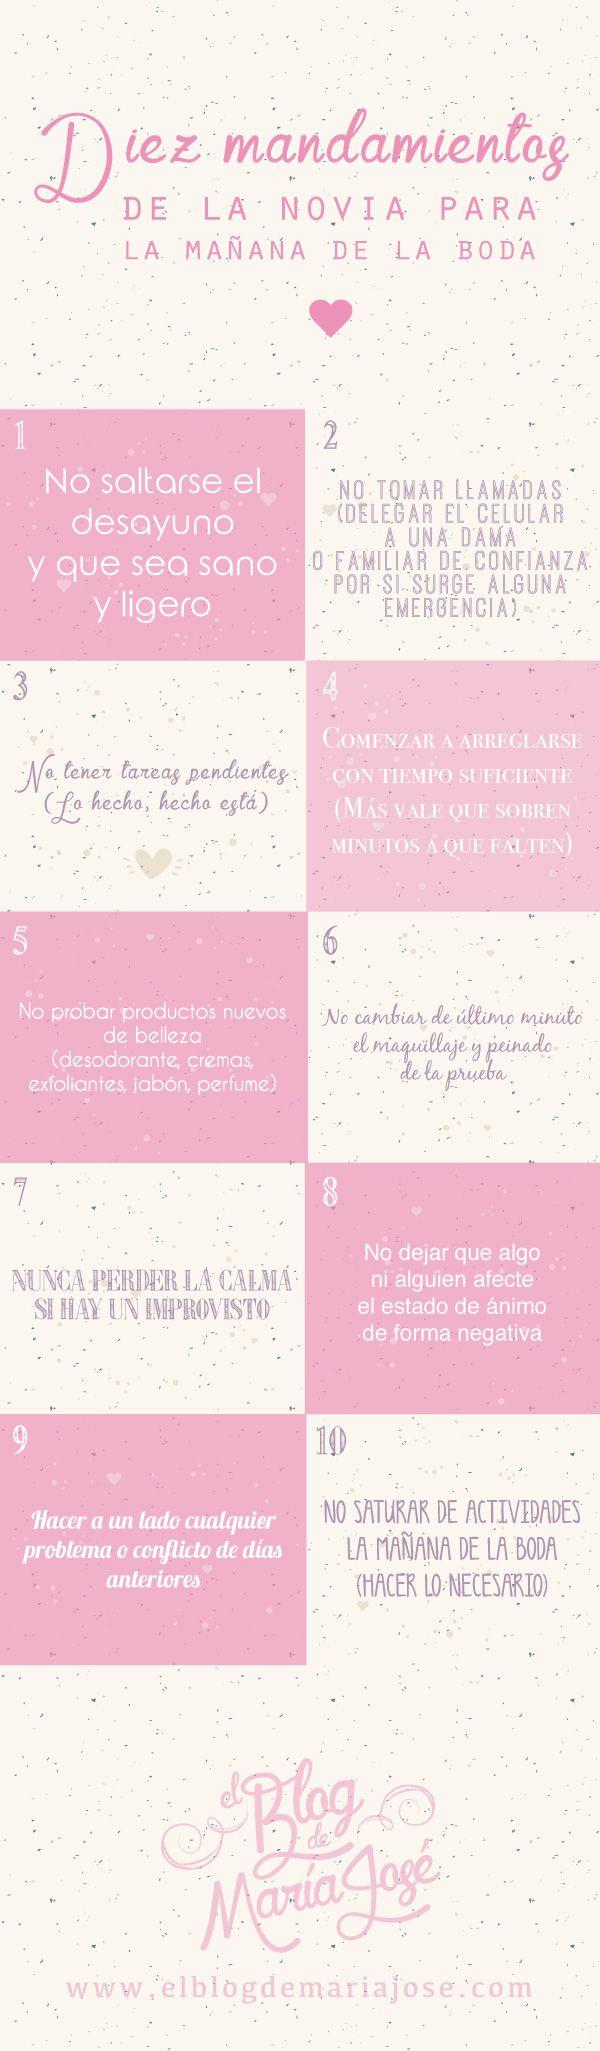 Diez mandamientos de la novia para la mañana de la boda | Ideas para ...